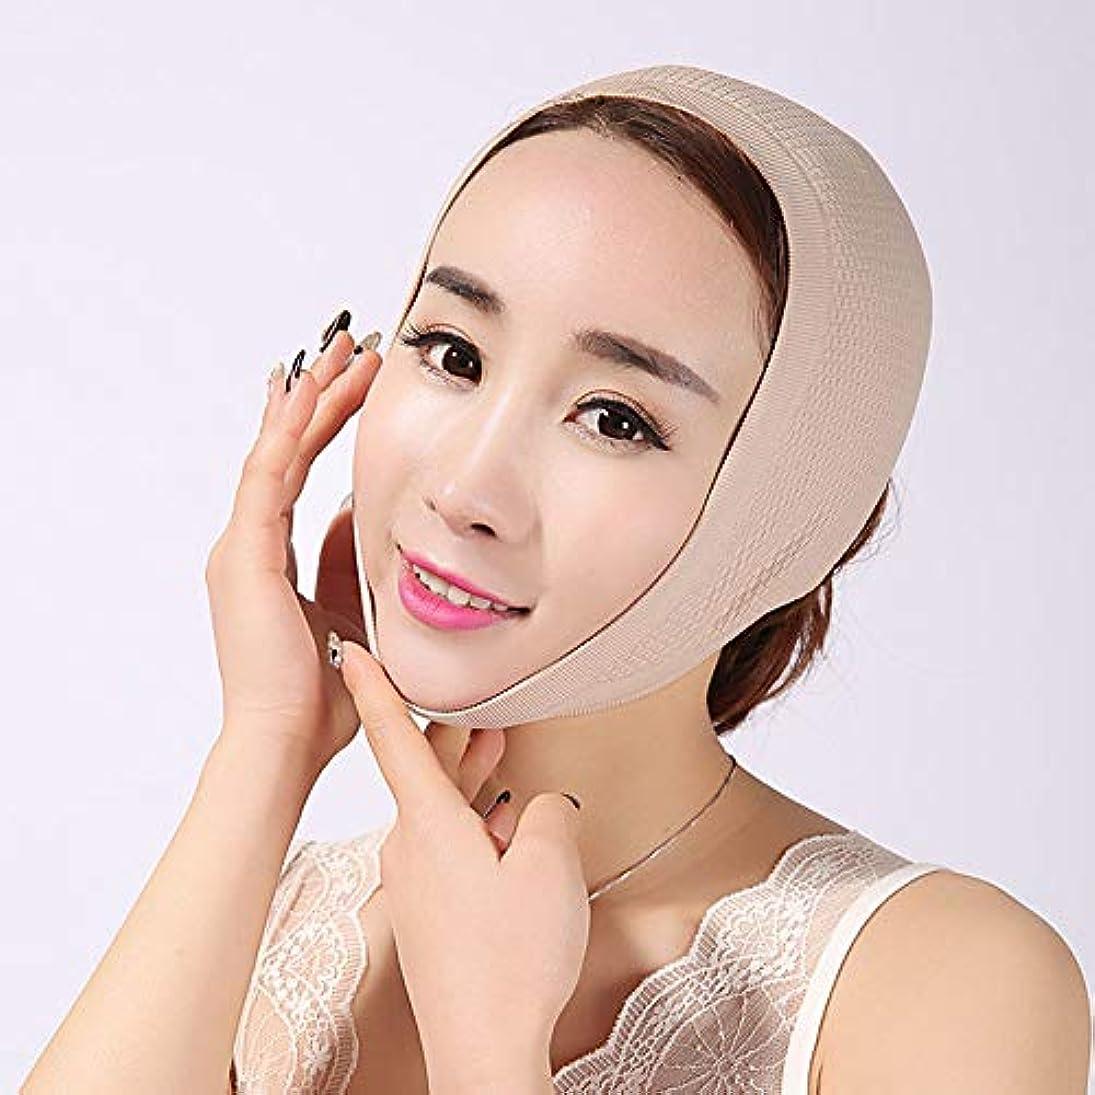 エネルギーキャメル閉塞フェイスリフティング包帯、Vフェイス、フェイスマスク、フェイスリフト、引き締め、デクリメント(肌の色合い)